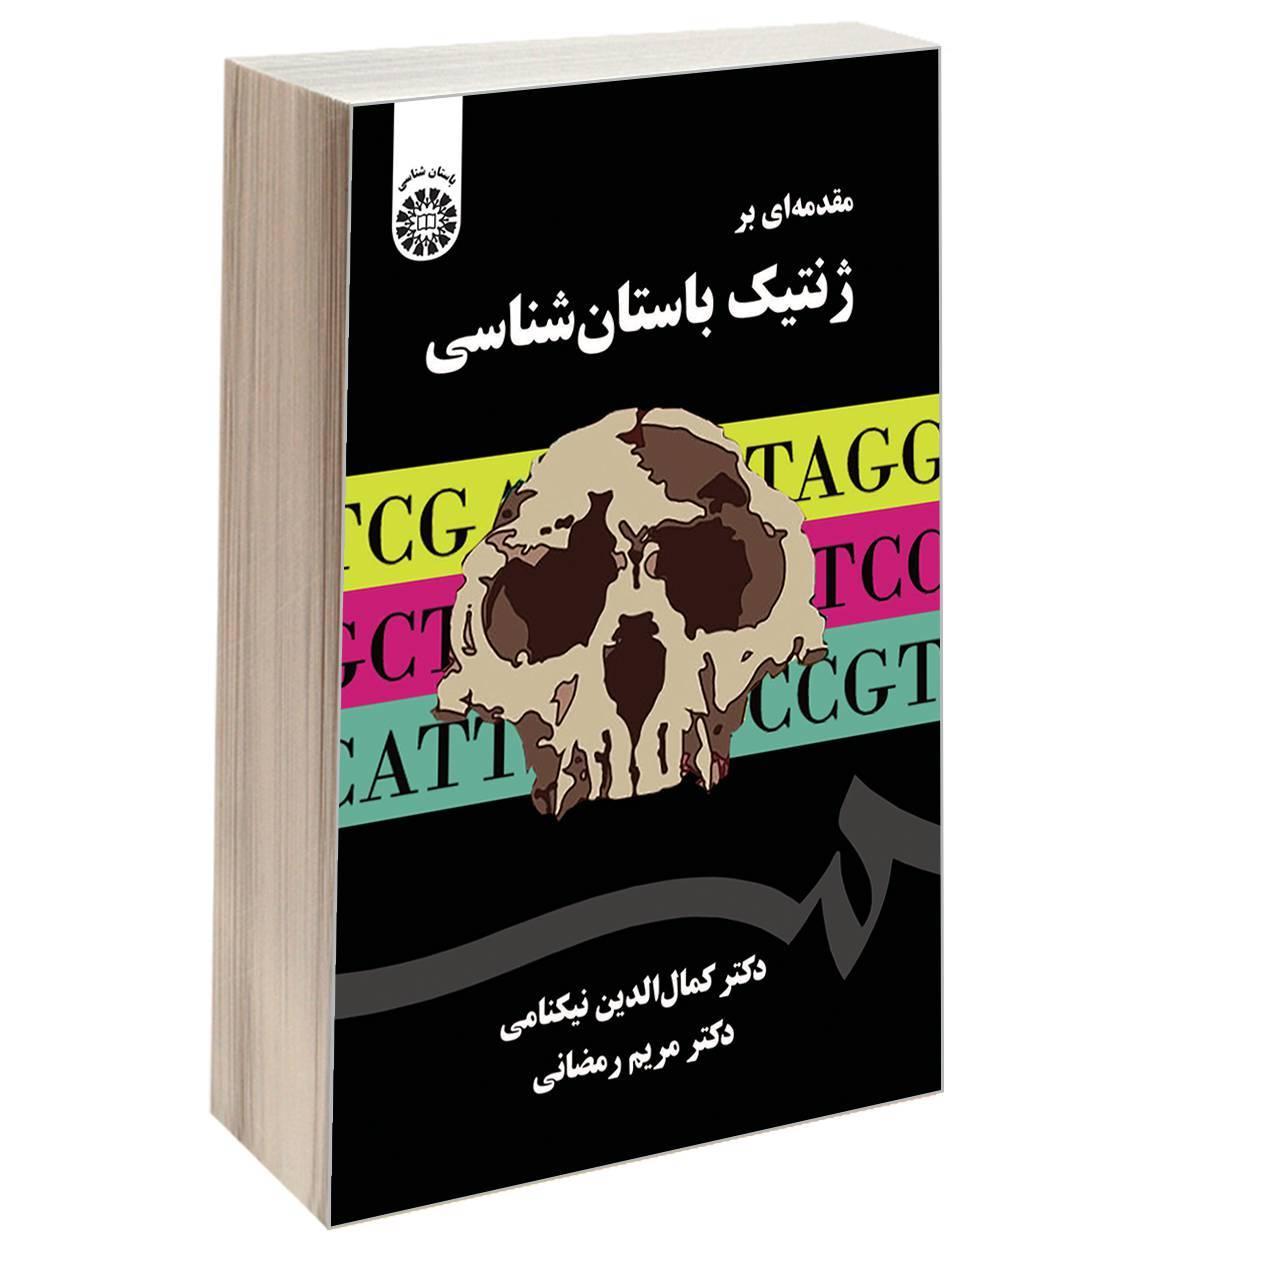 خرید                      کتاب مقدمه ای بر ژنتیک باستان شناسی اثر دکتر کمال الدین نیکنامی نشر سمت